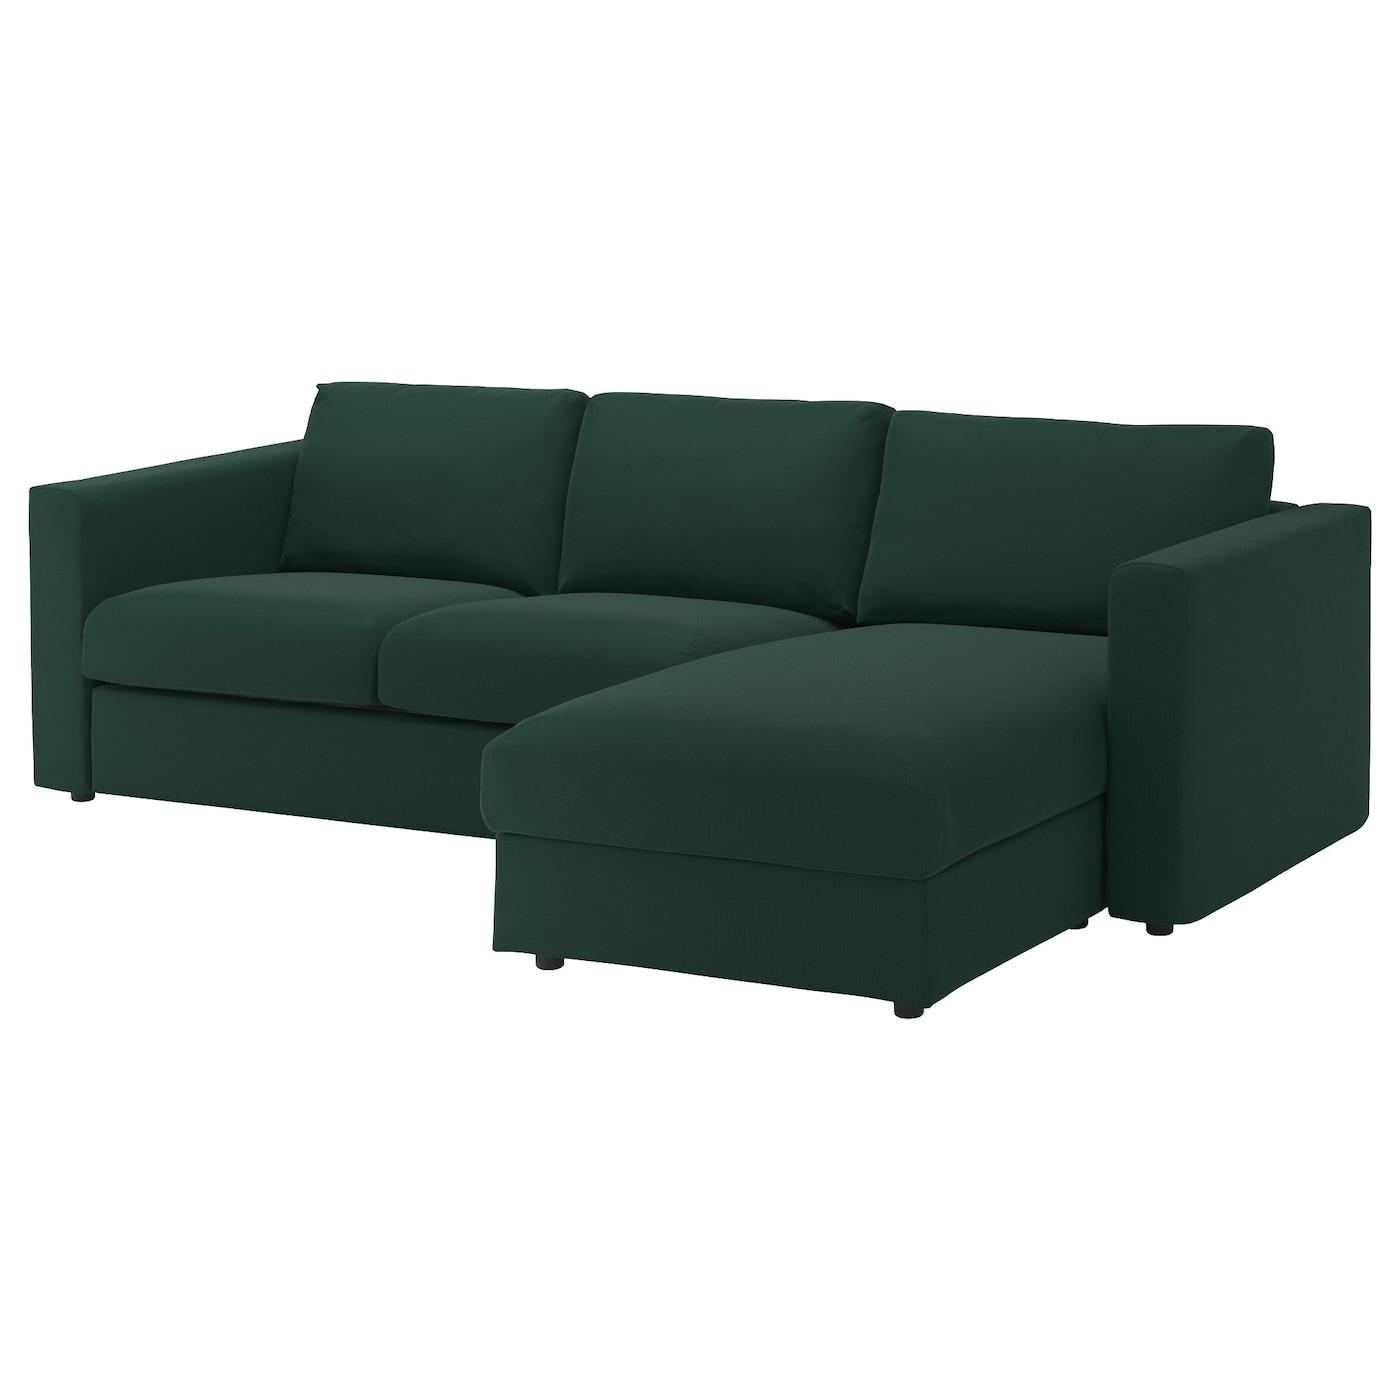 2 3 sitzer sofas online kaufen m bel suchmaschine